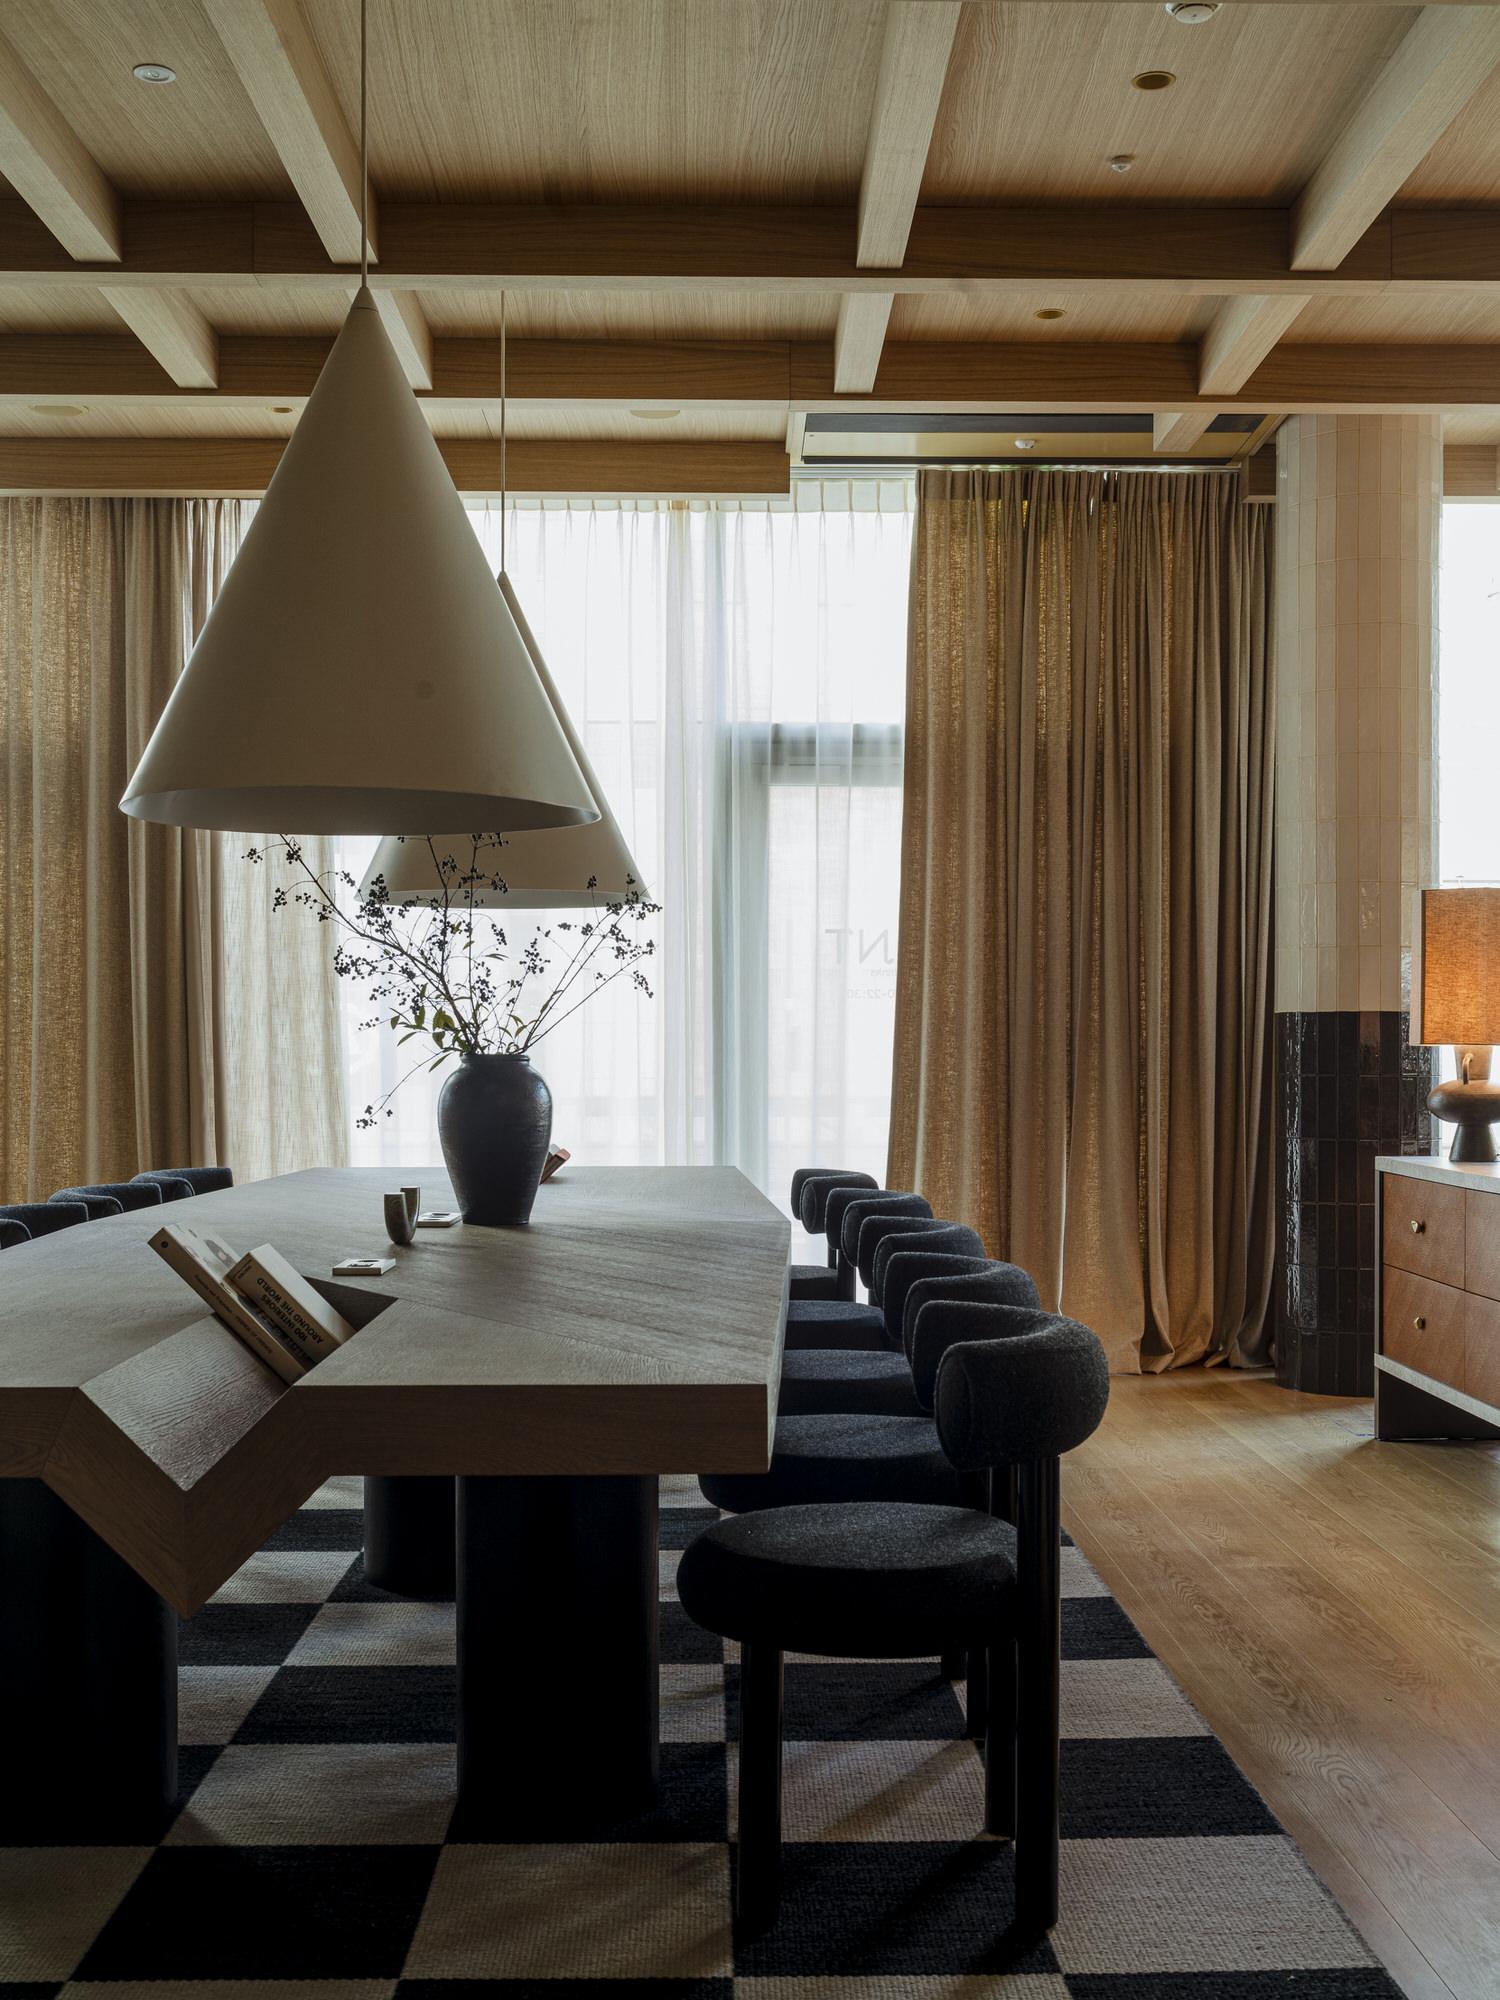 Paradowski Studio Puro Hotel Krakow Photo Pion Studio Yellowtrace 22